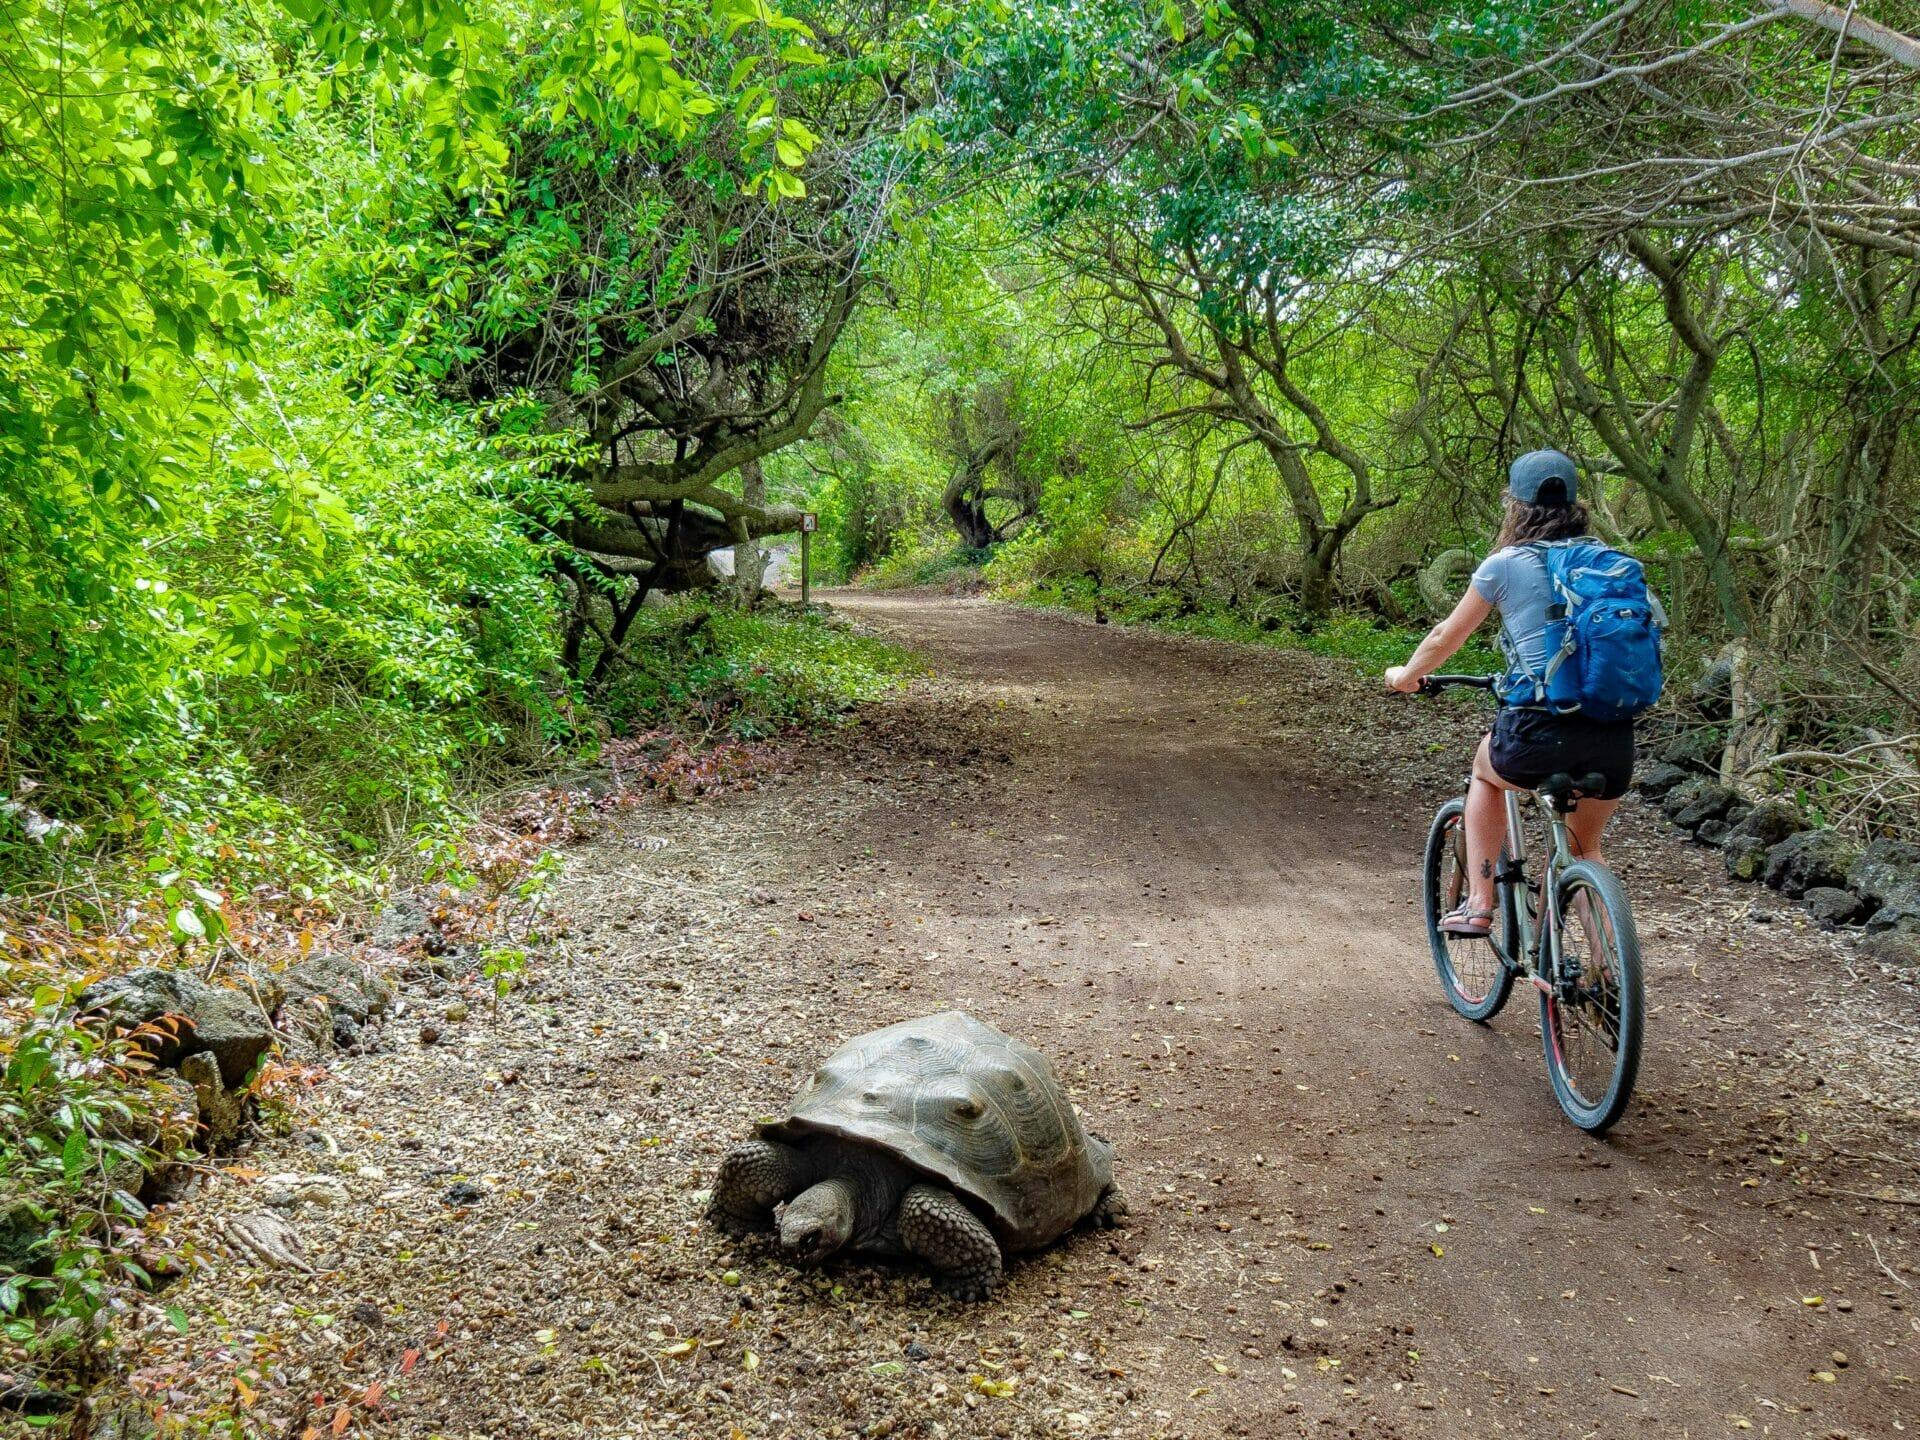 Girl riding bike next to giant Galápagos tortoise on road